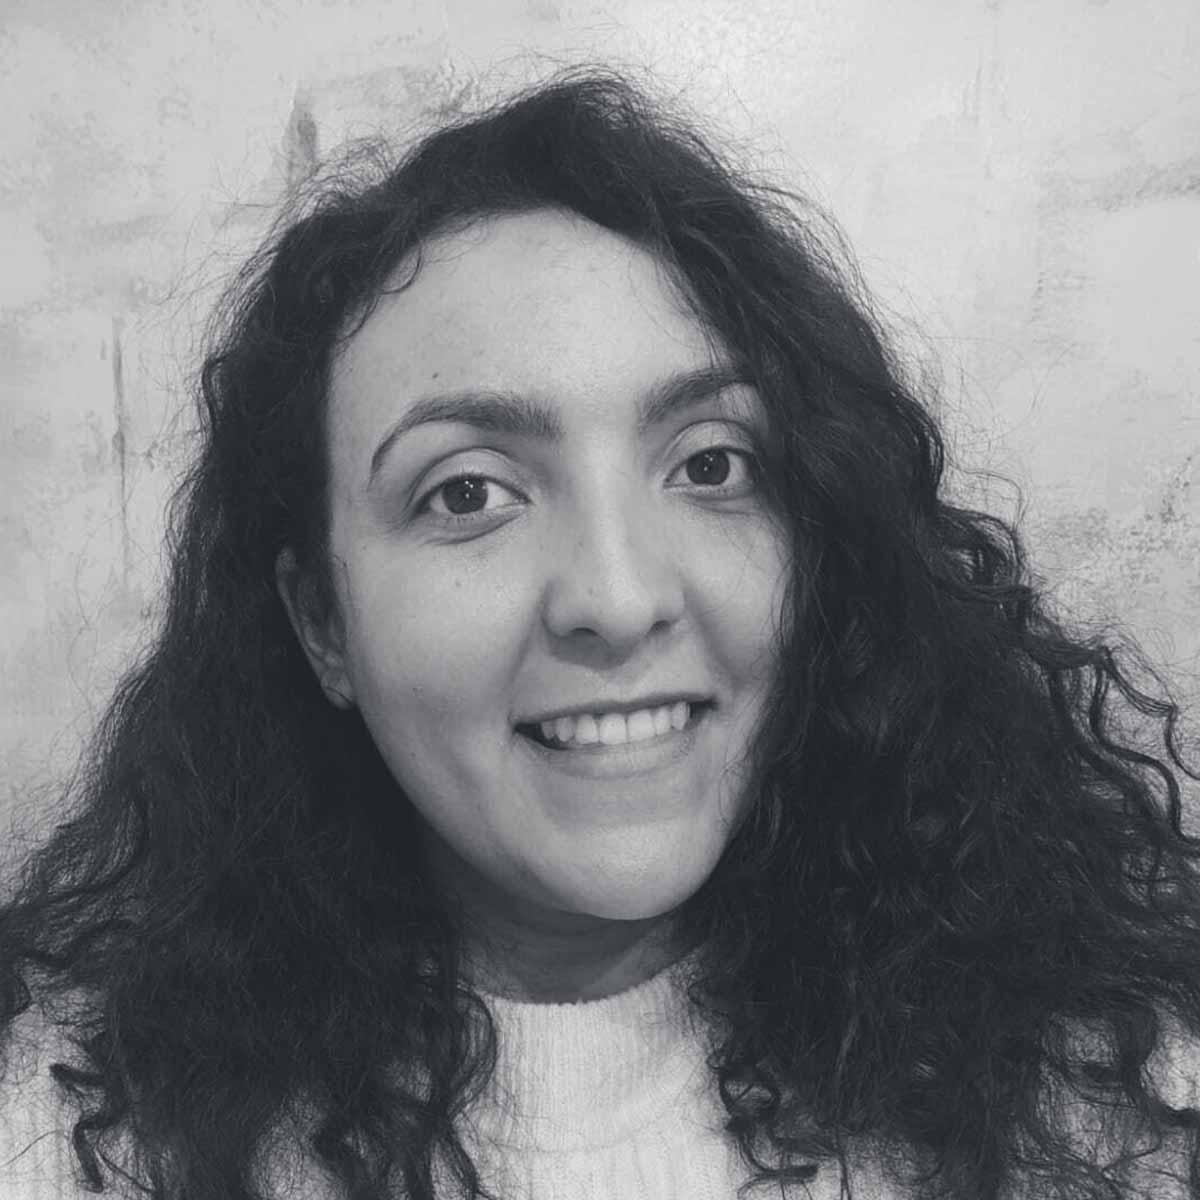 Zuzanna Ryniak